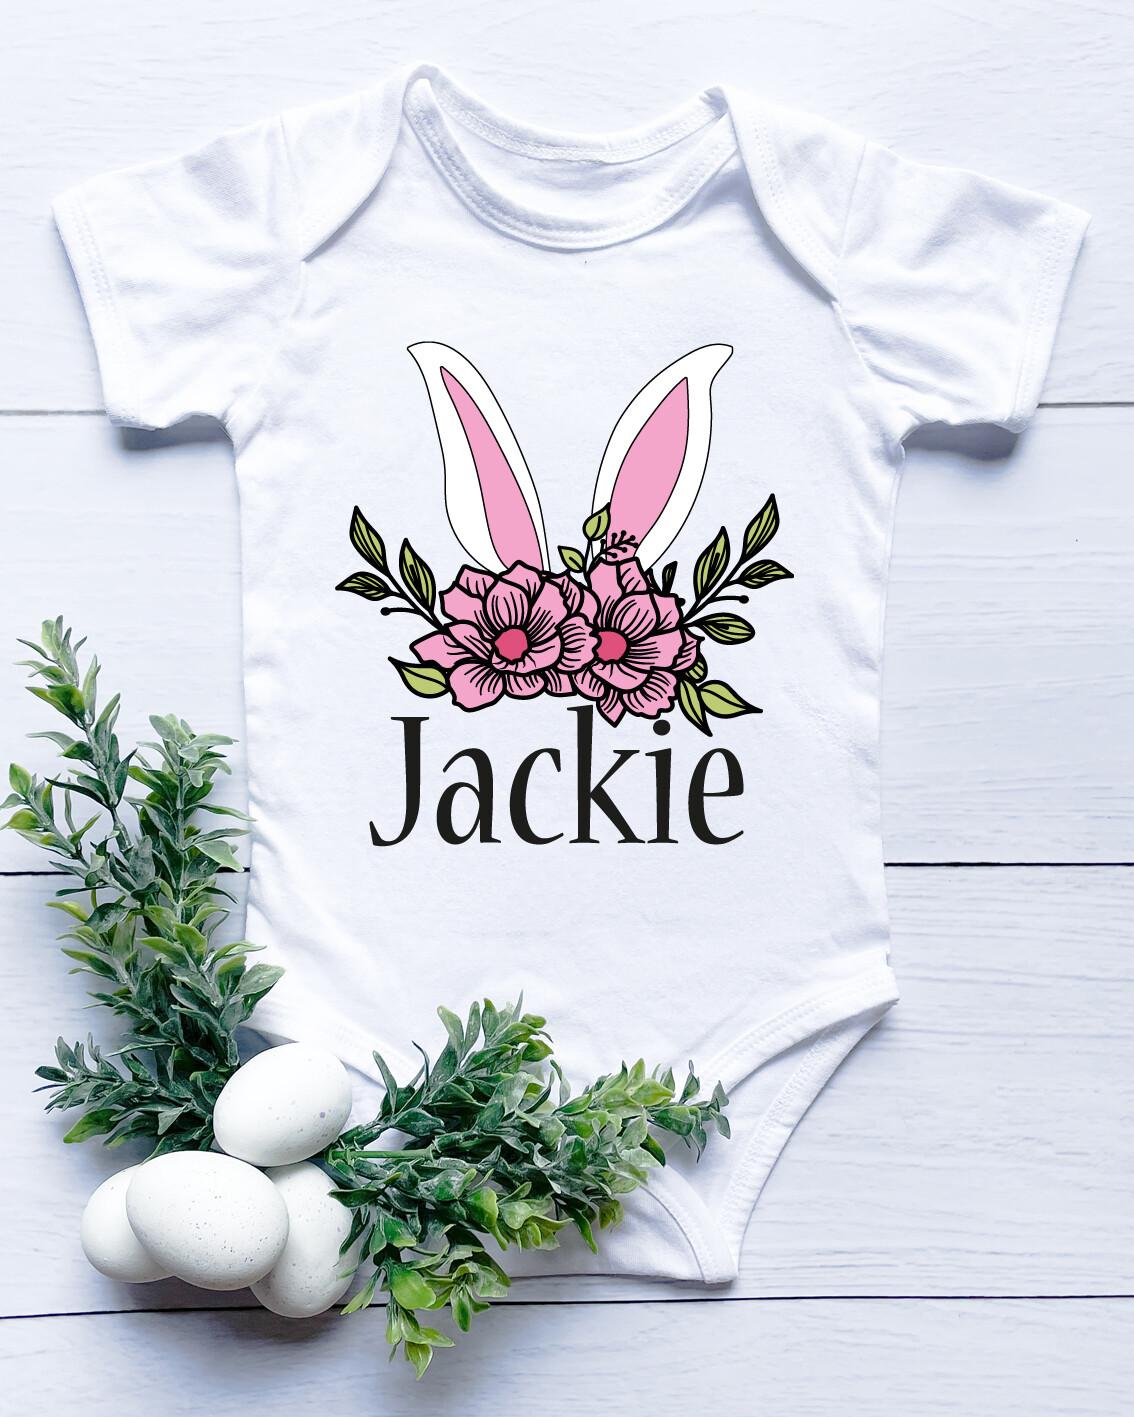 Personalised Bunny Ears Baby Onesie